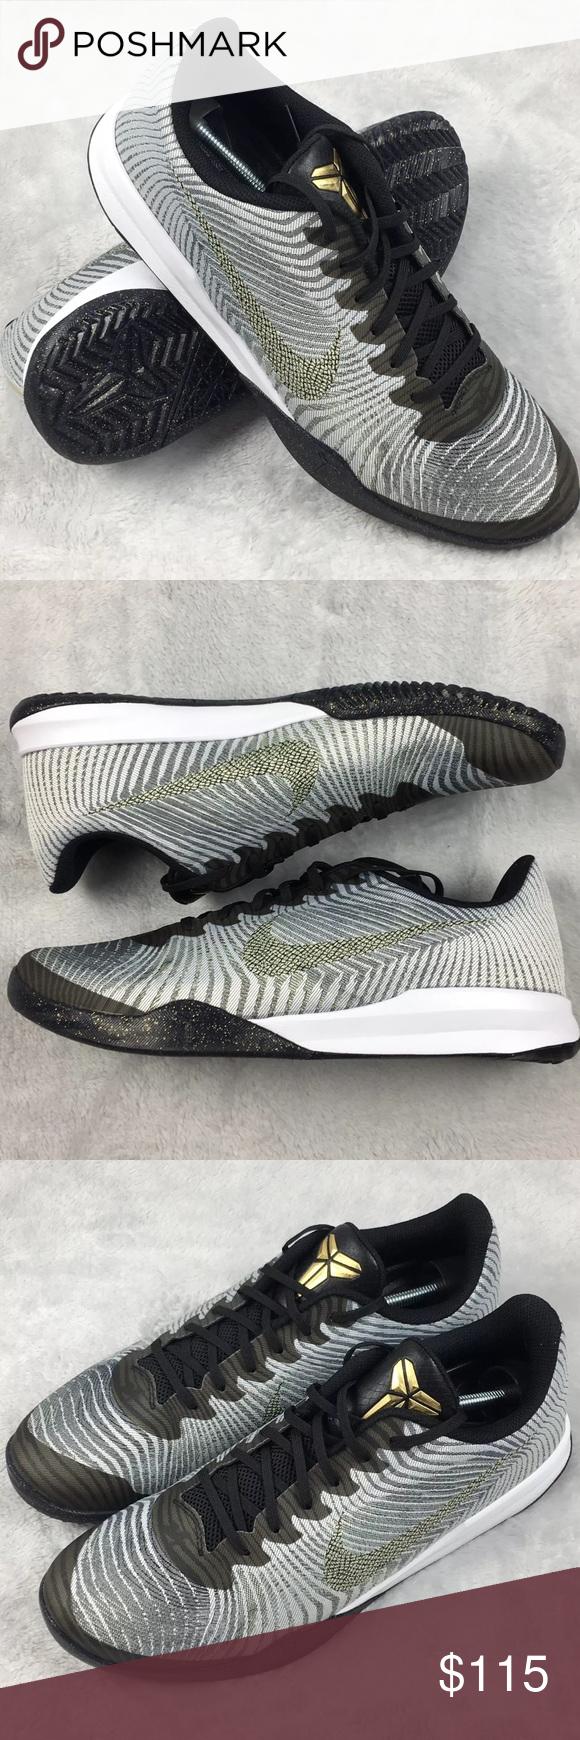 faee19da1562 NEW Nike Kobe KB Mentality II Running Shoes NIKE KOBE BRYANT MENTALITY II   818952-005 Size  13M